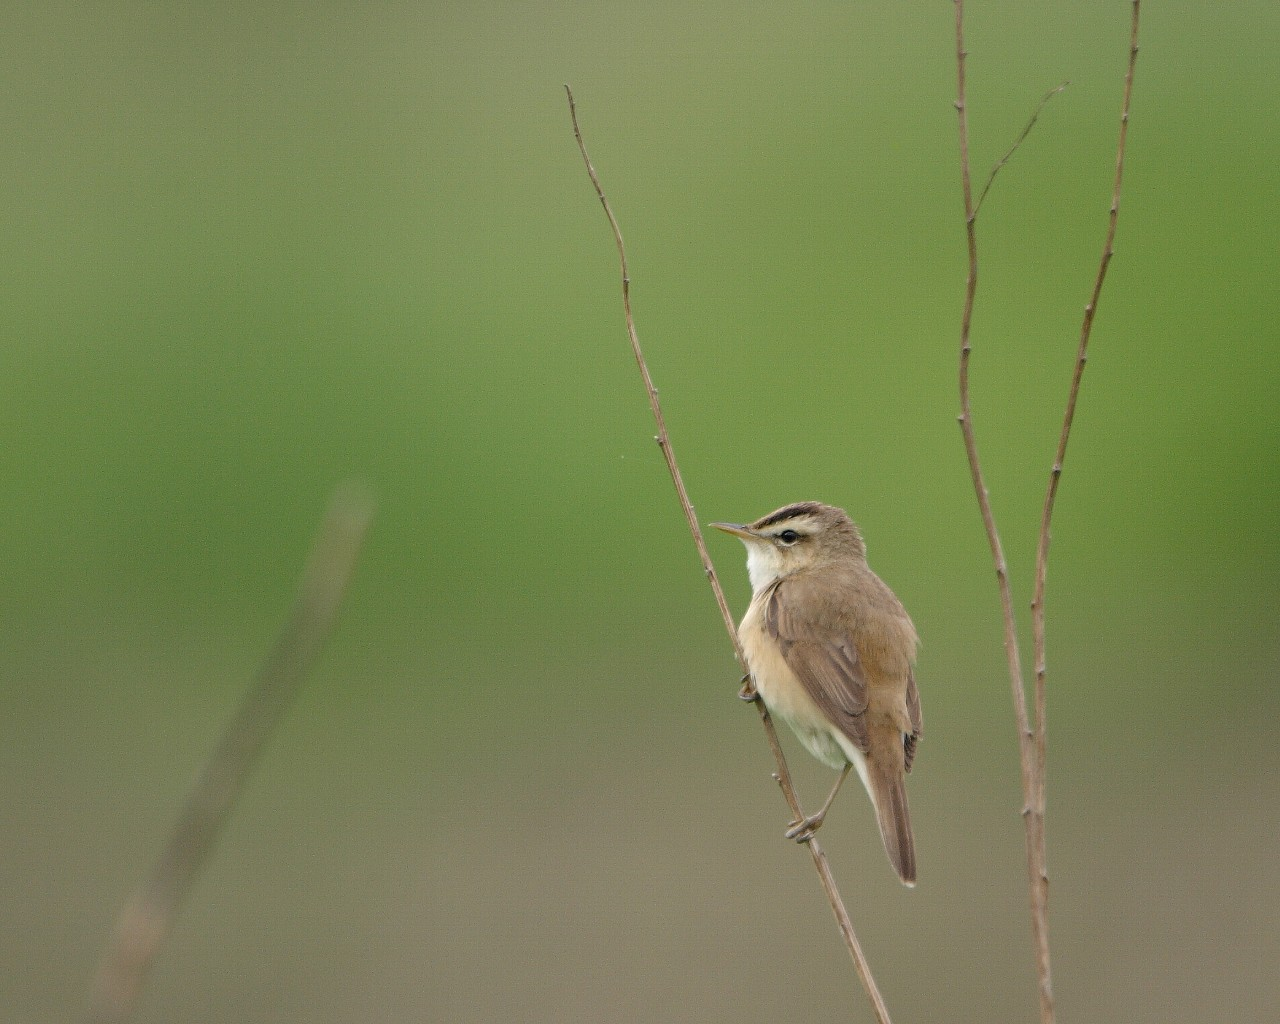 5年前の高原から(グリーンバックの美しい野鳥のフリー壁紙)_f0105570_21195687.jpg